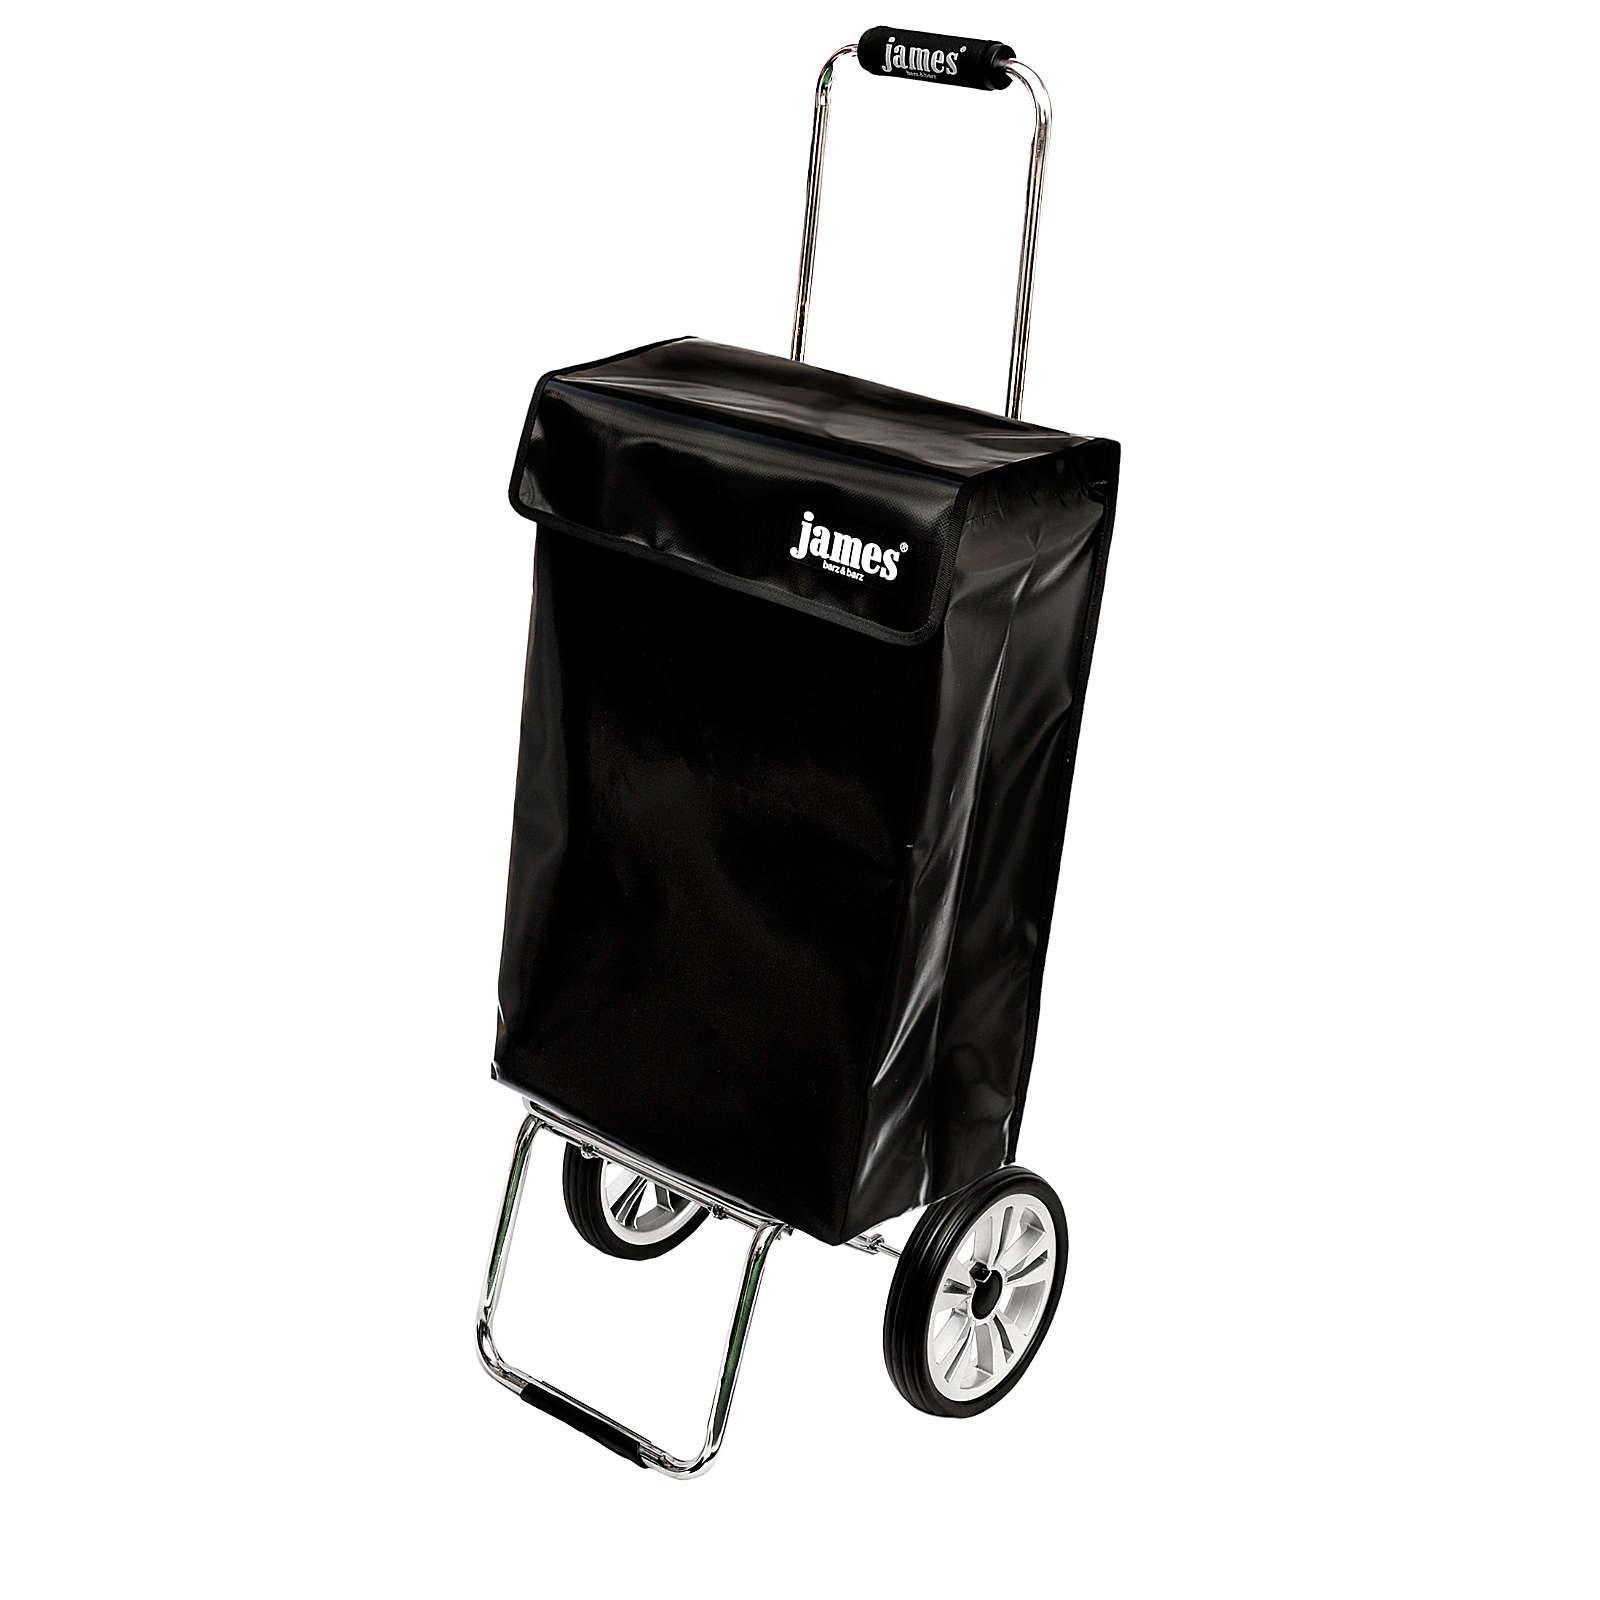 james® Design BLACKY deluxe 1blac1239900xa Einkaufstrolley Einkaufstrolleys schwarz